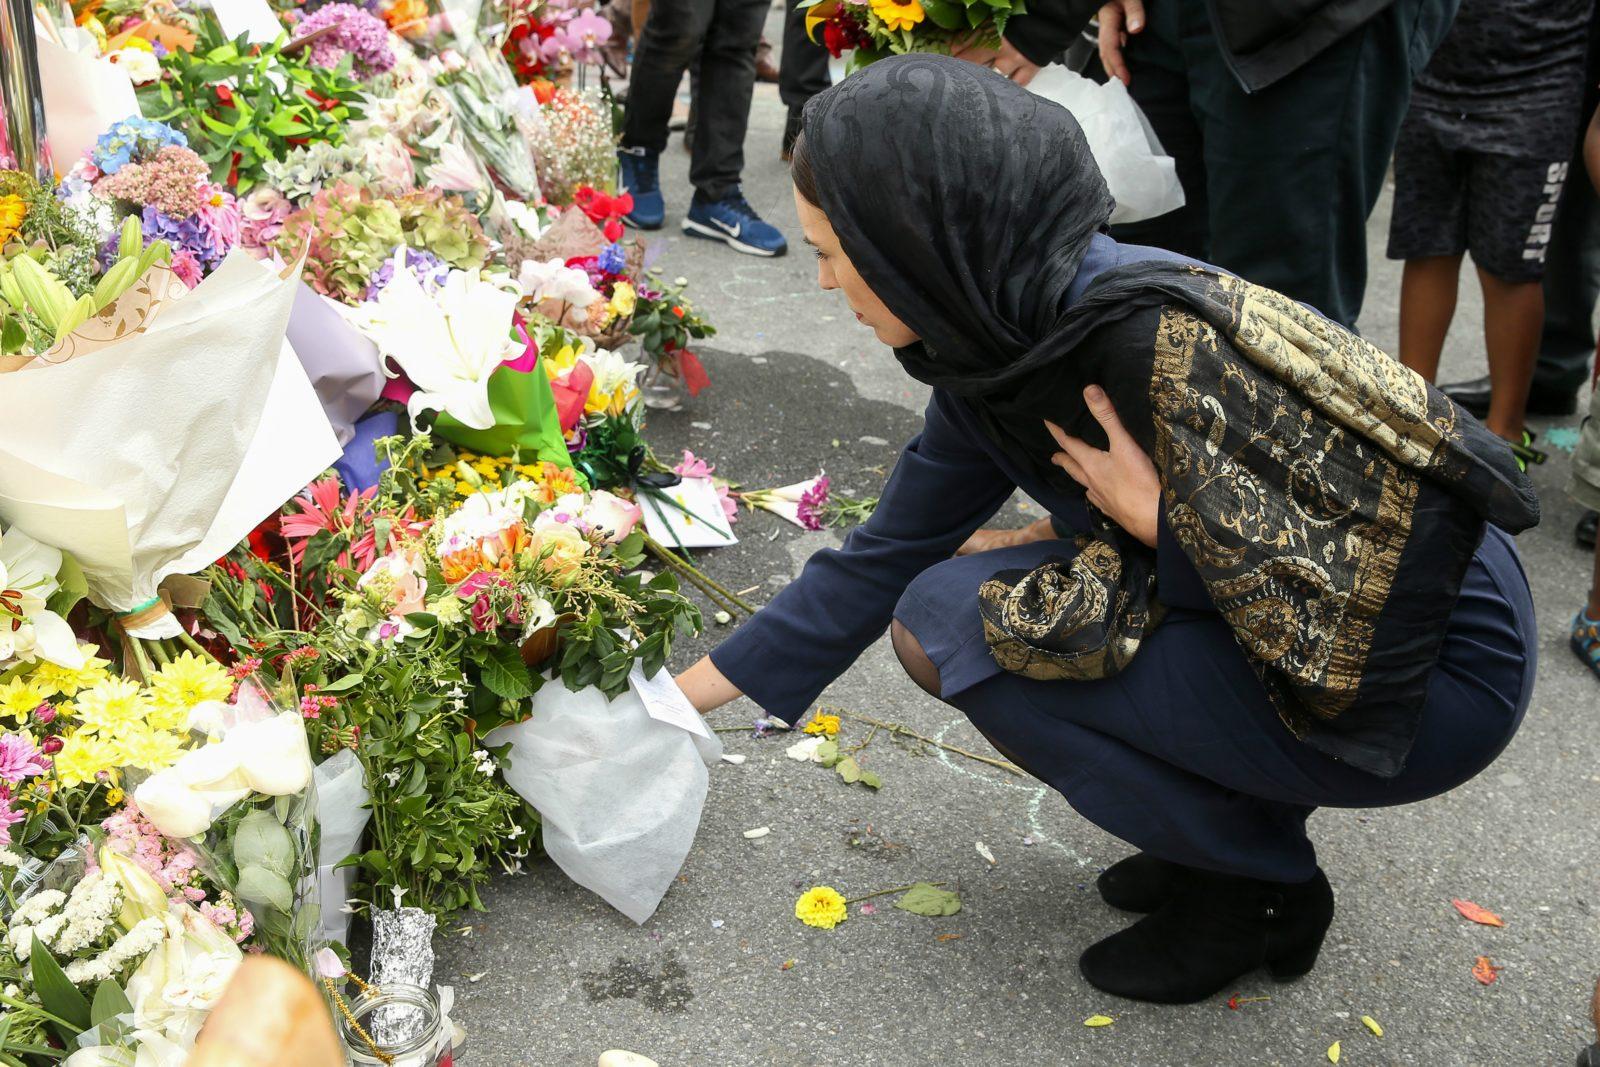 Jacinda Ardern laid flowers down in tribute. Source: Getty.